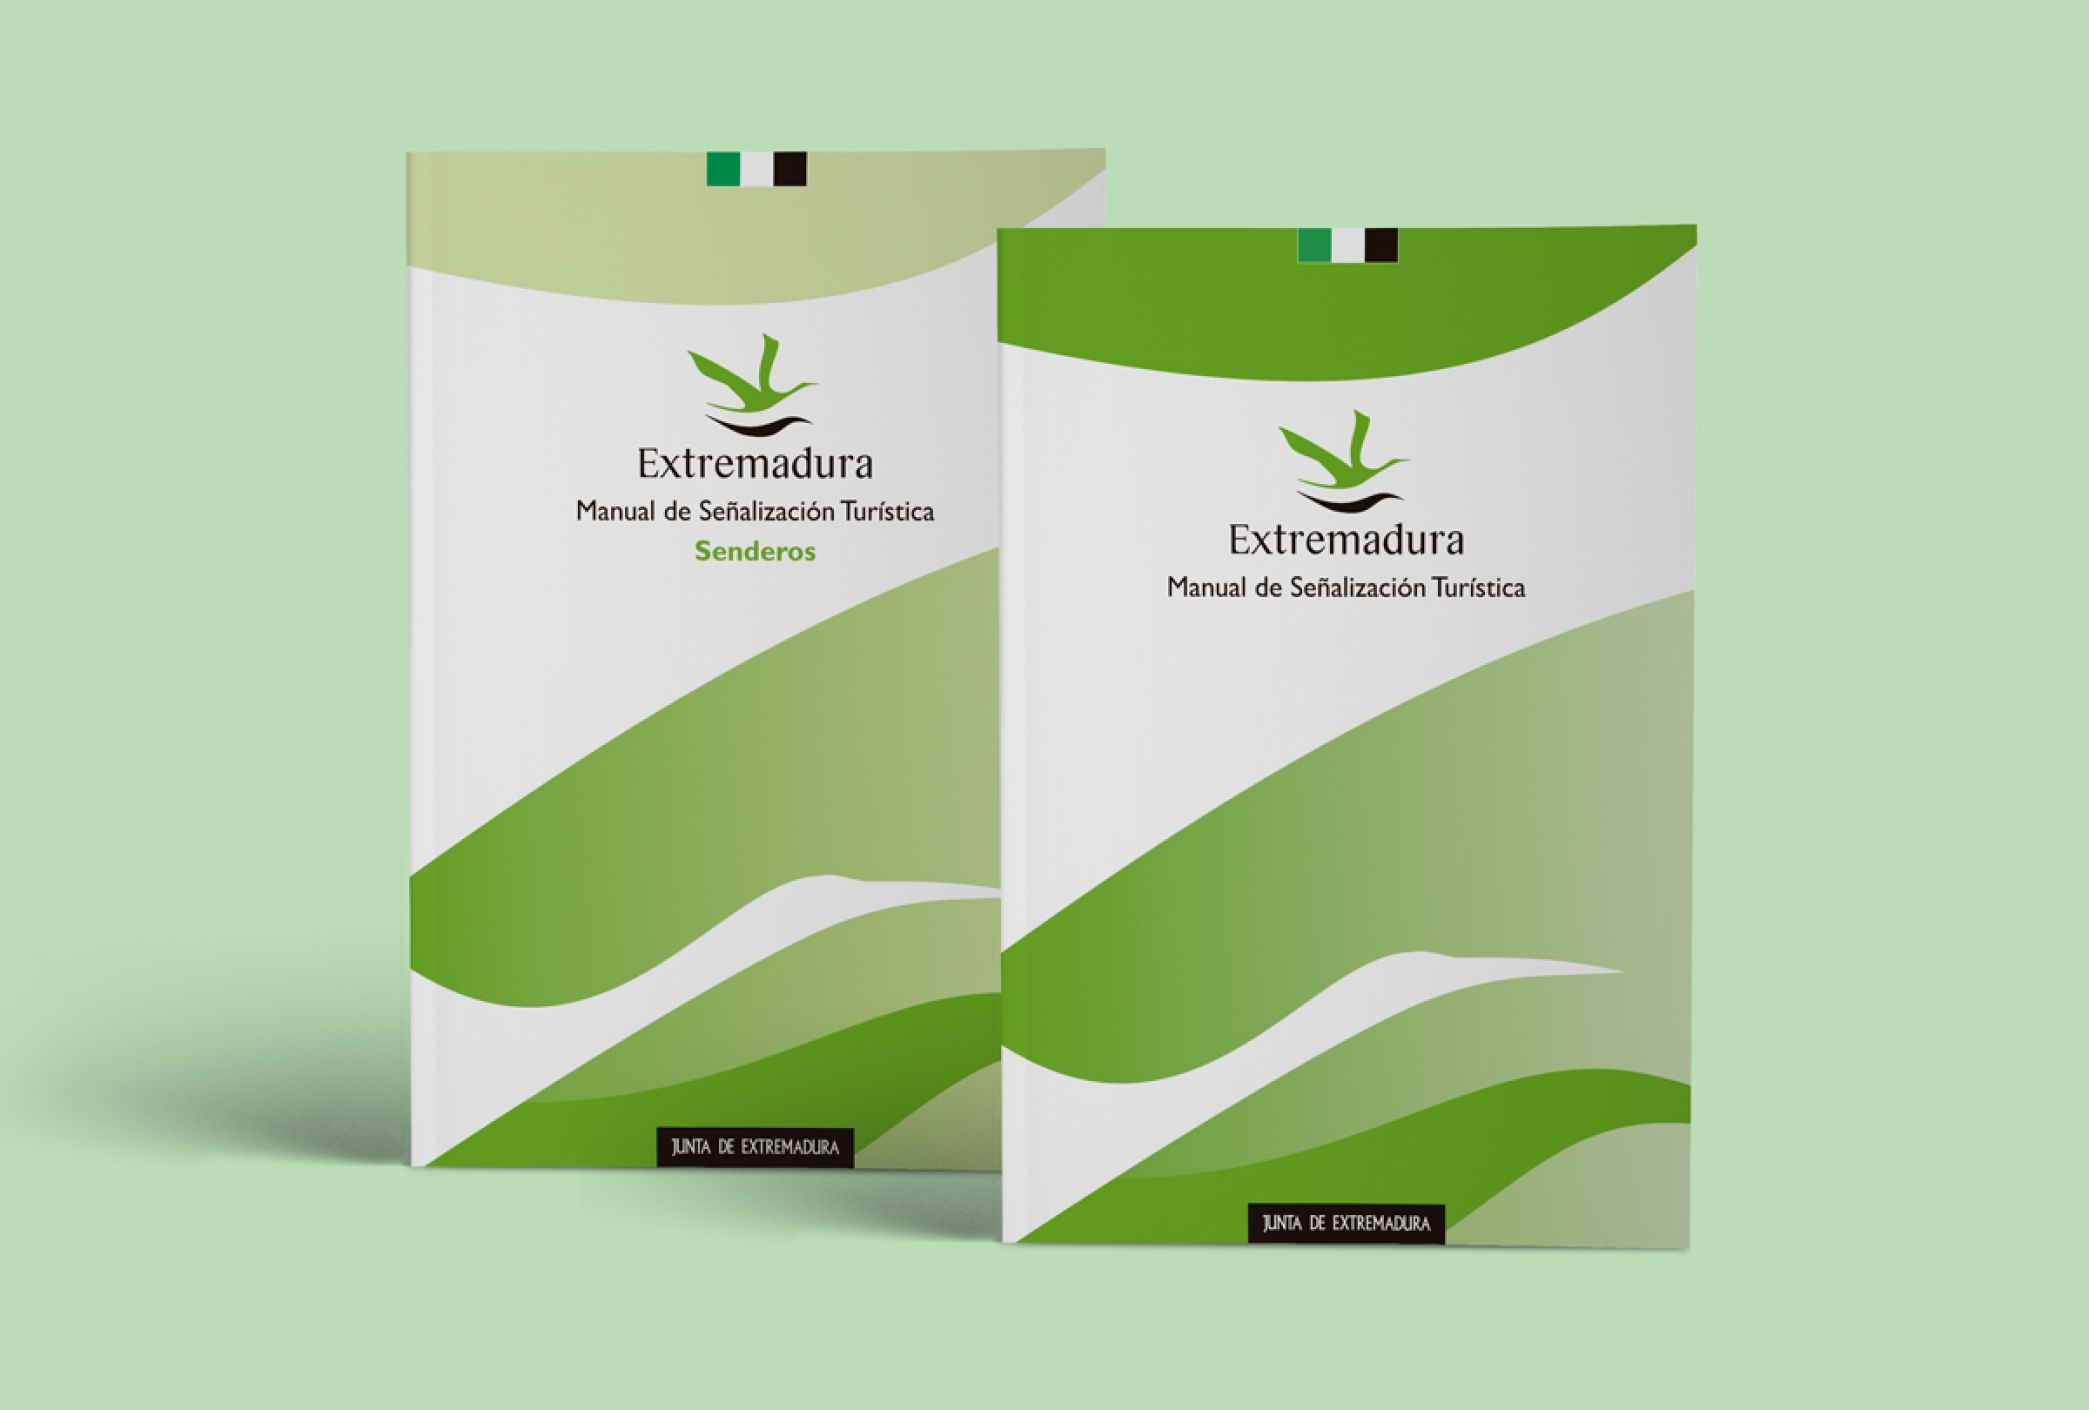 Manual de Señalización Turística de Extremadura